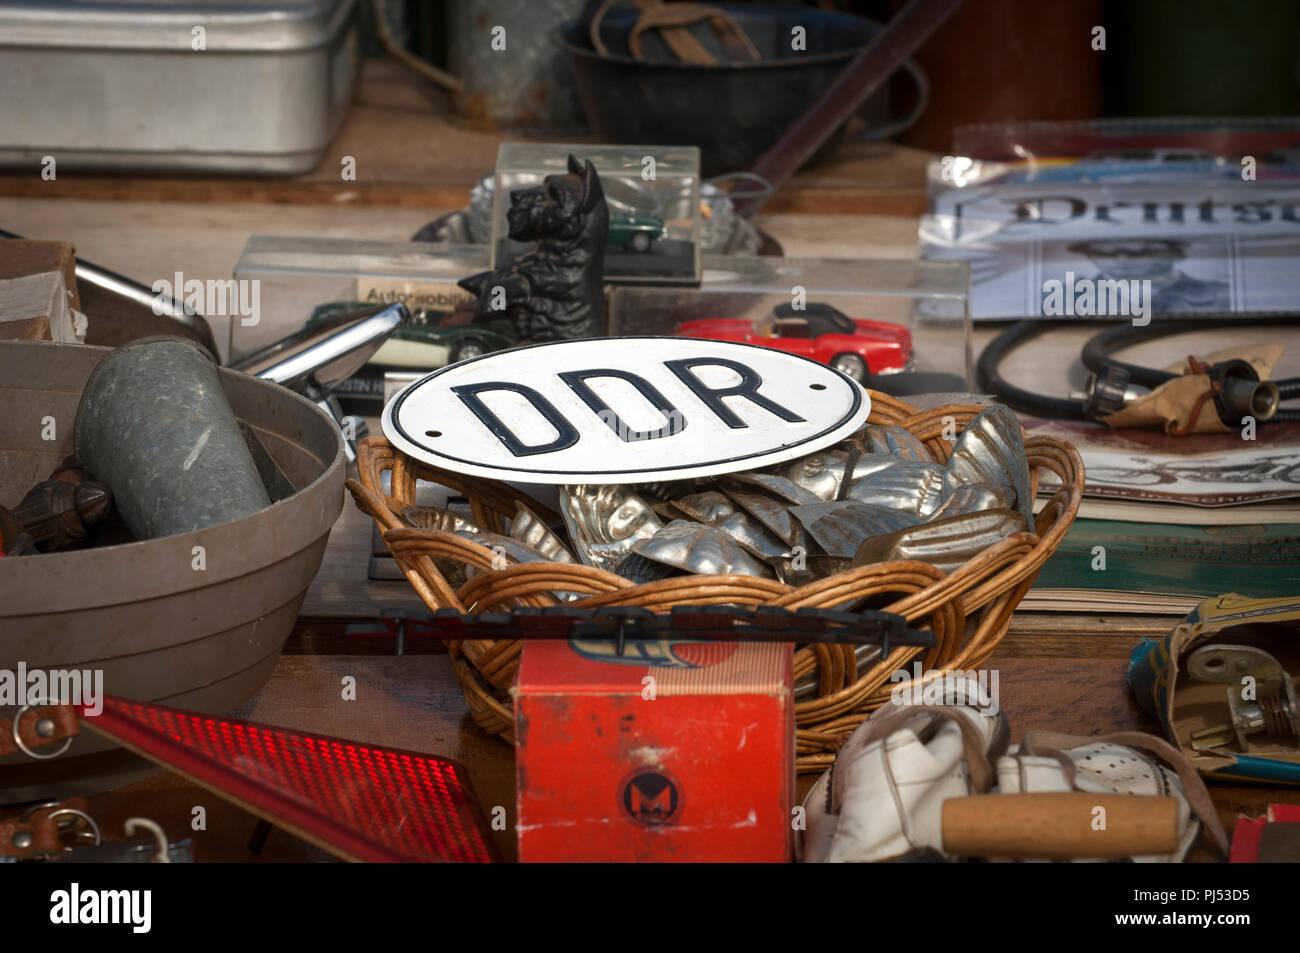 Nostalgia de la Alemania oriental DDR en un Trabant Rally en Zwickau, Sajonia, Alemania. Imagen De Stock